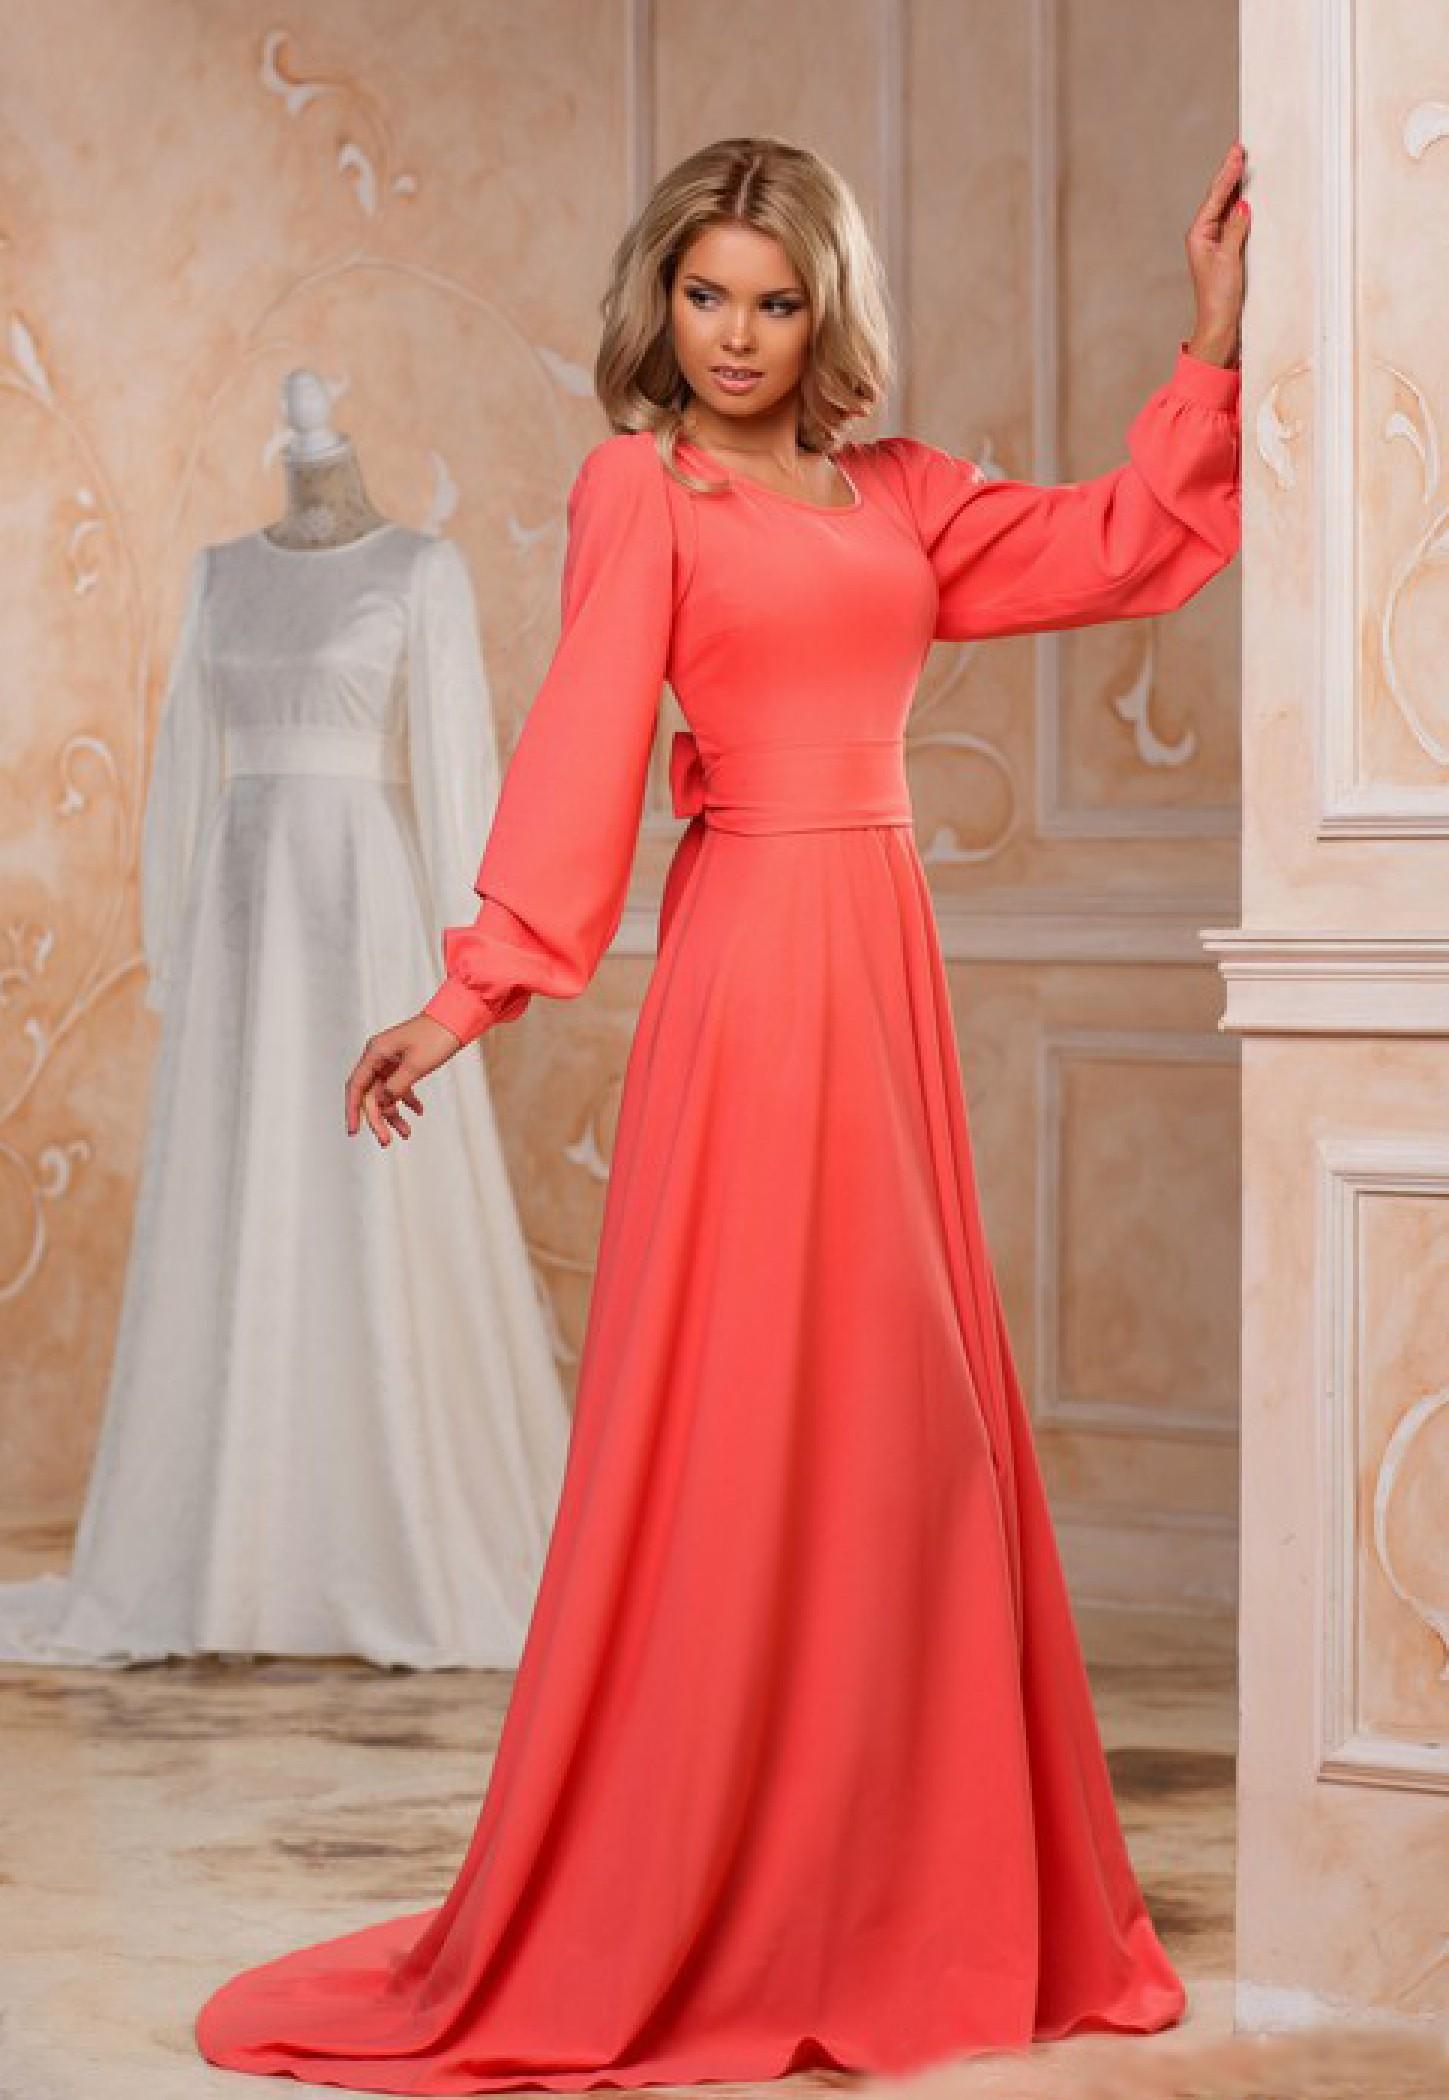 e748598e35992ce Купить вечернее длинное платье с открытой спиной. Пошив дизайнерского платья  на заказ. Интернет магазин женской одежды Радэлия